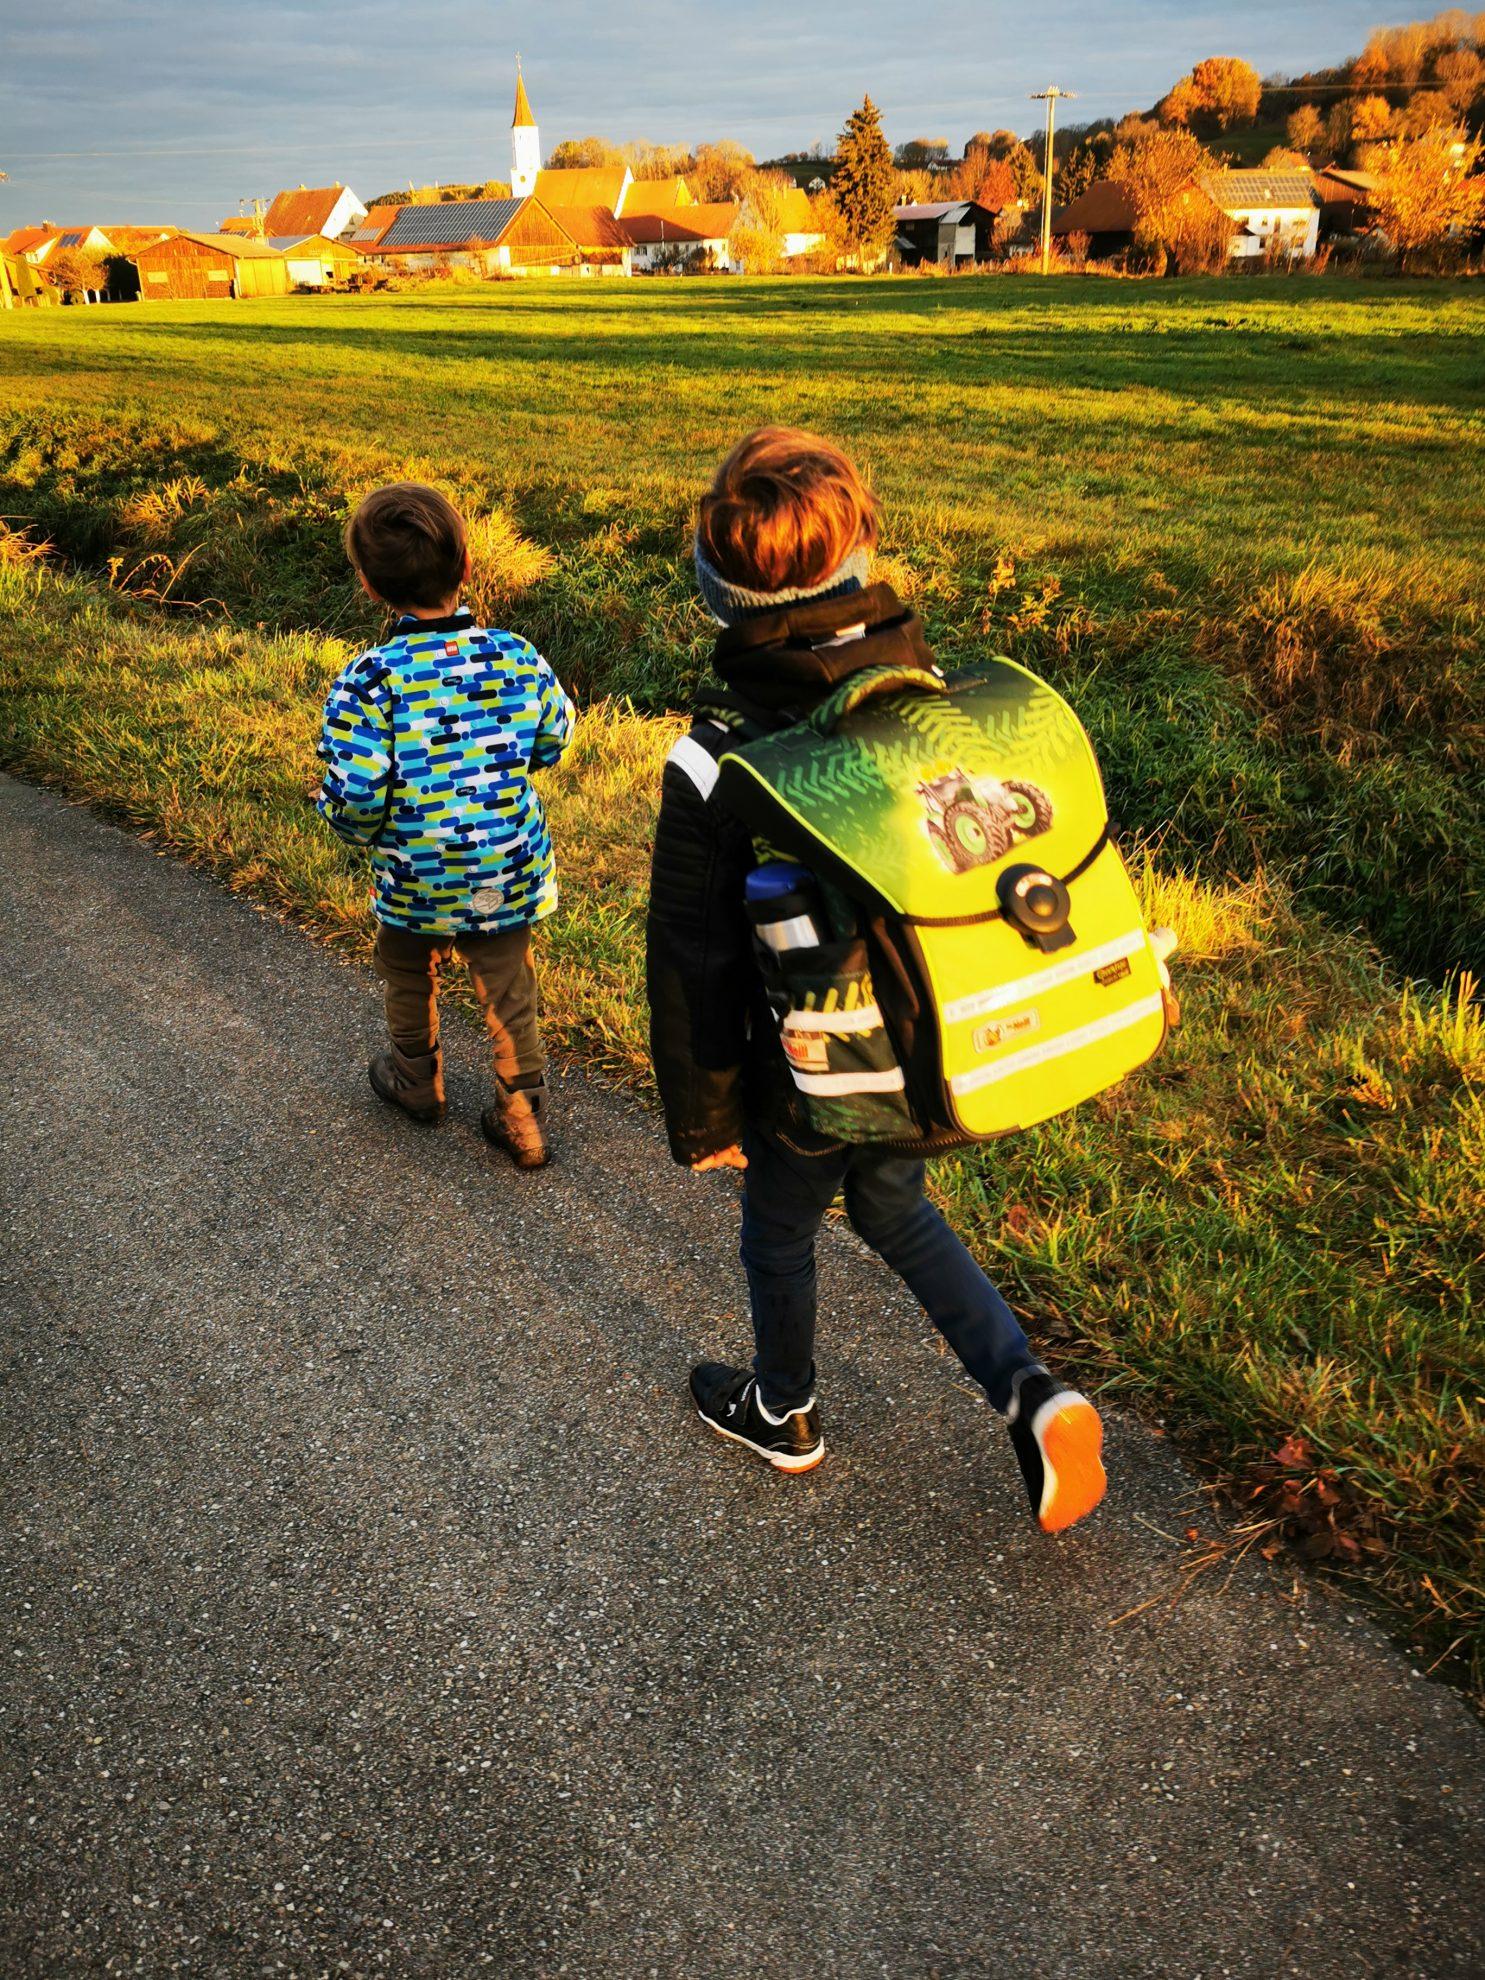 Auch die Kinder möchten manchmal auf ihrem Schulweg begleitet werden. Ich bin dankbar dafür, dass ich das stemmen kann.